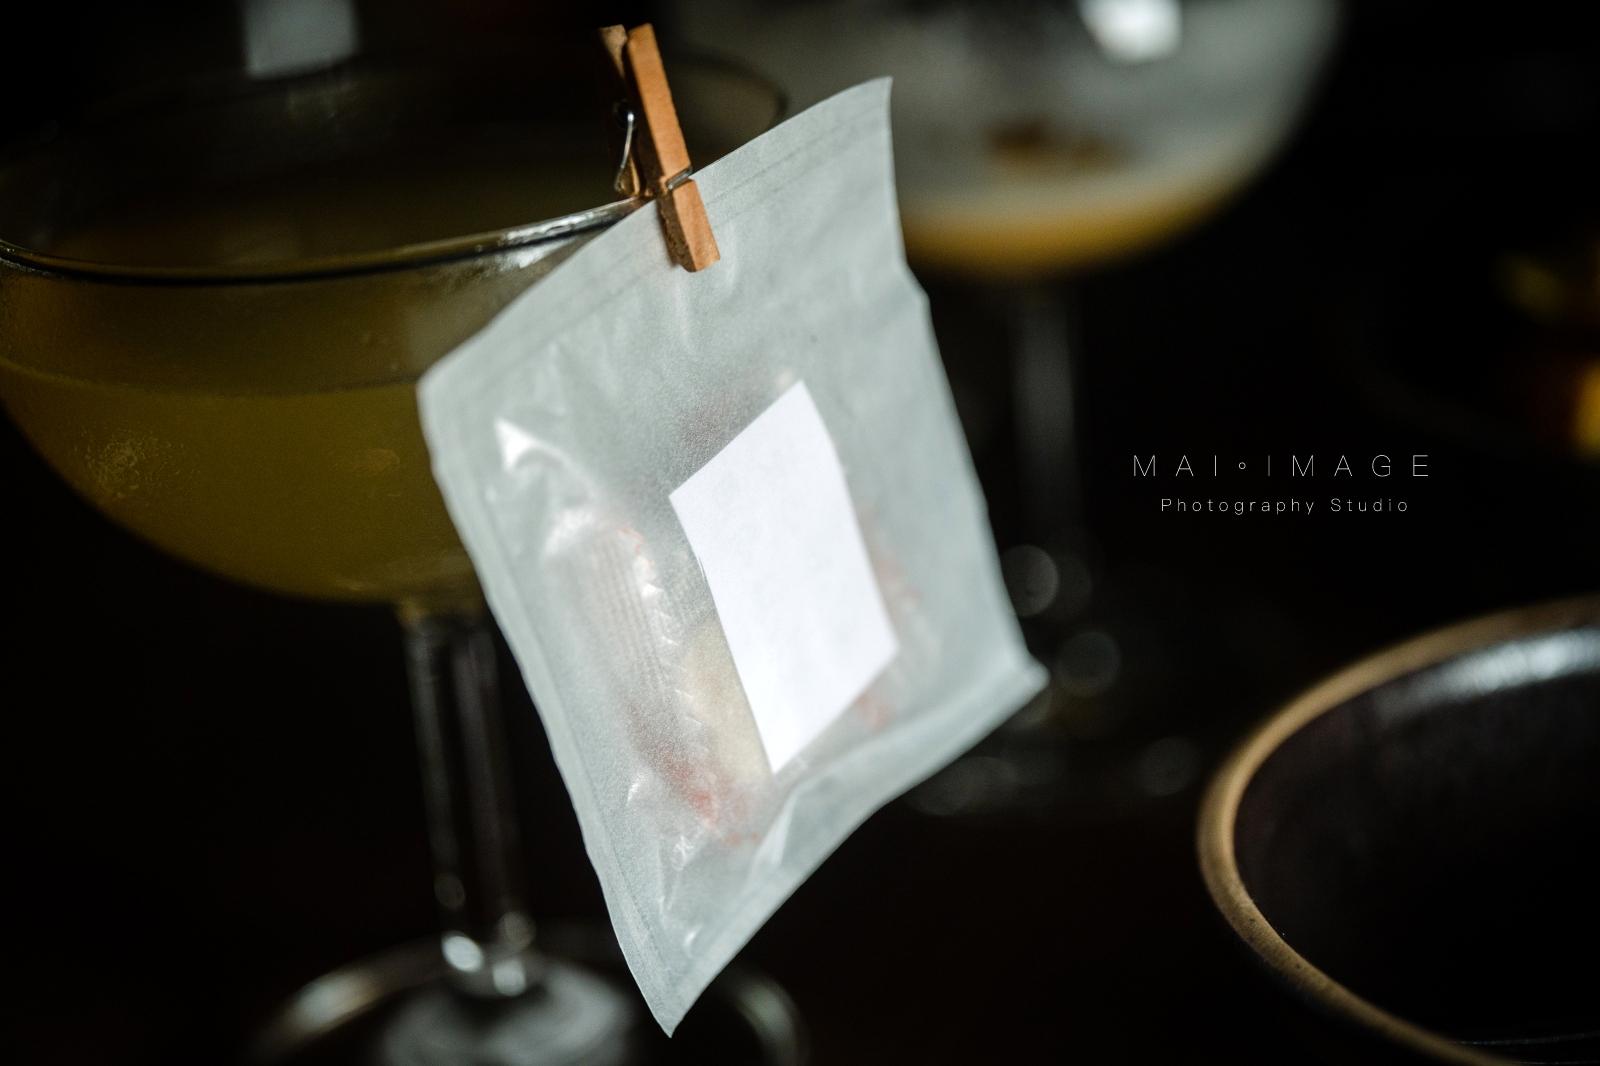 內行人才打得開的密室書櫃『Book ing bar』床前故事系列調酒值得一試。|大安區酒吧推薦